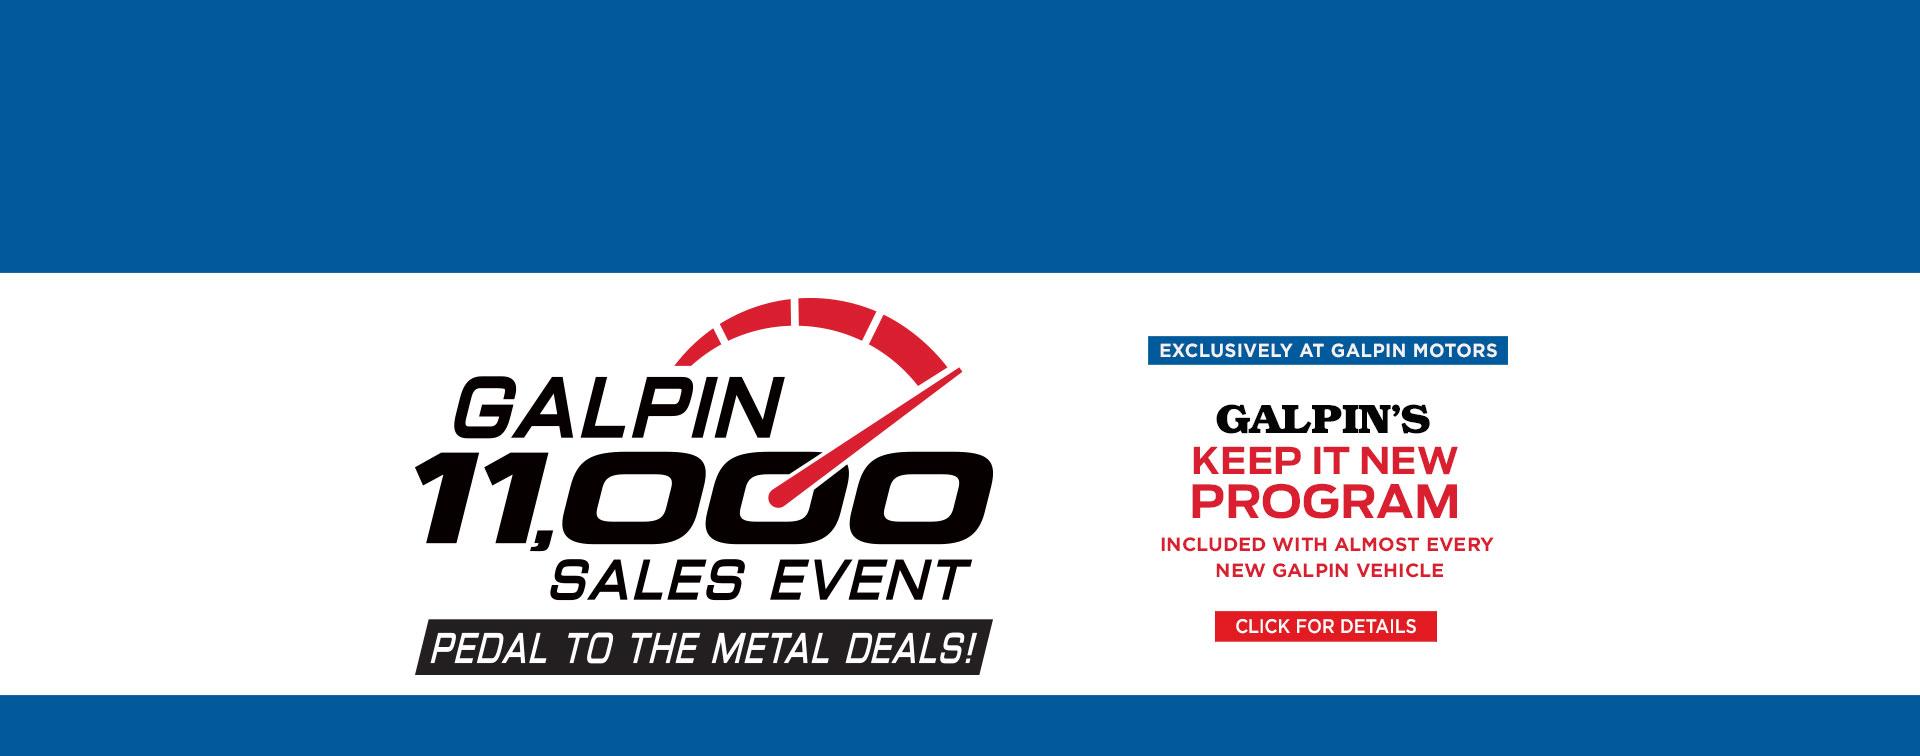 Galpin Ford San Fernando Valley >> Valley Motor Center Van Nuys - impremedia.net